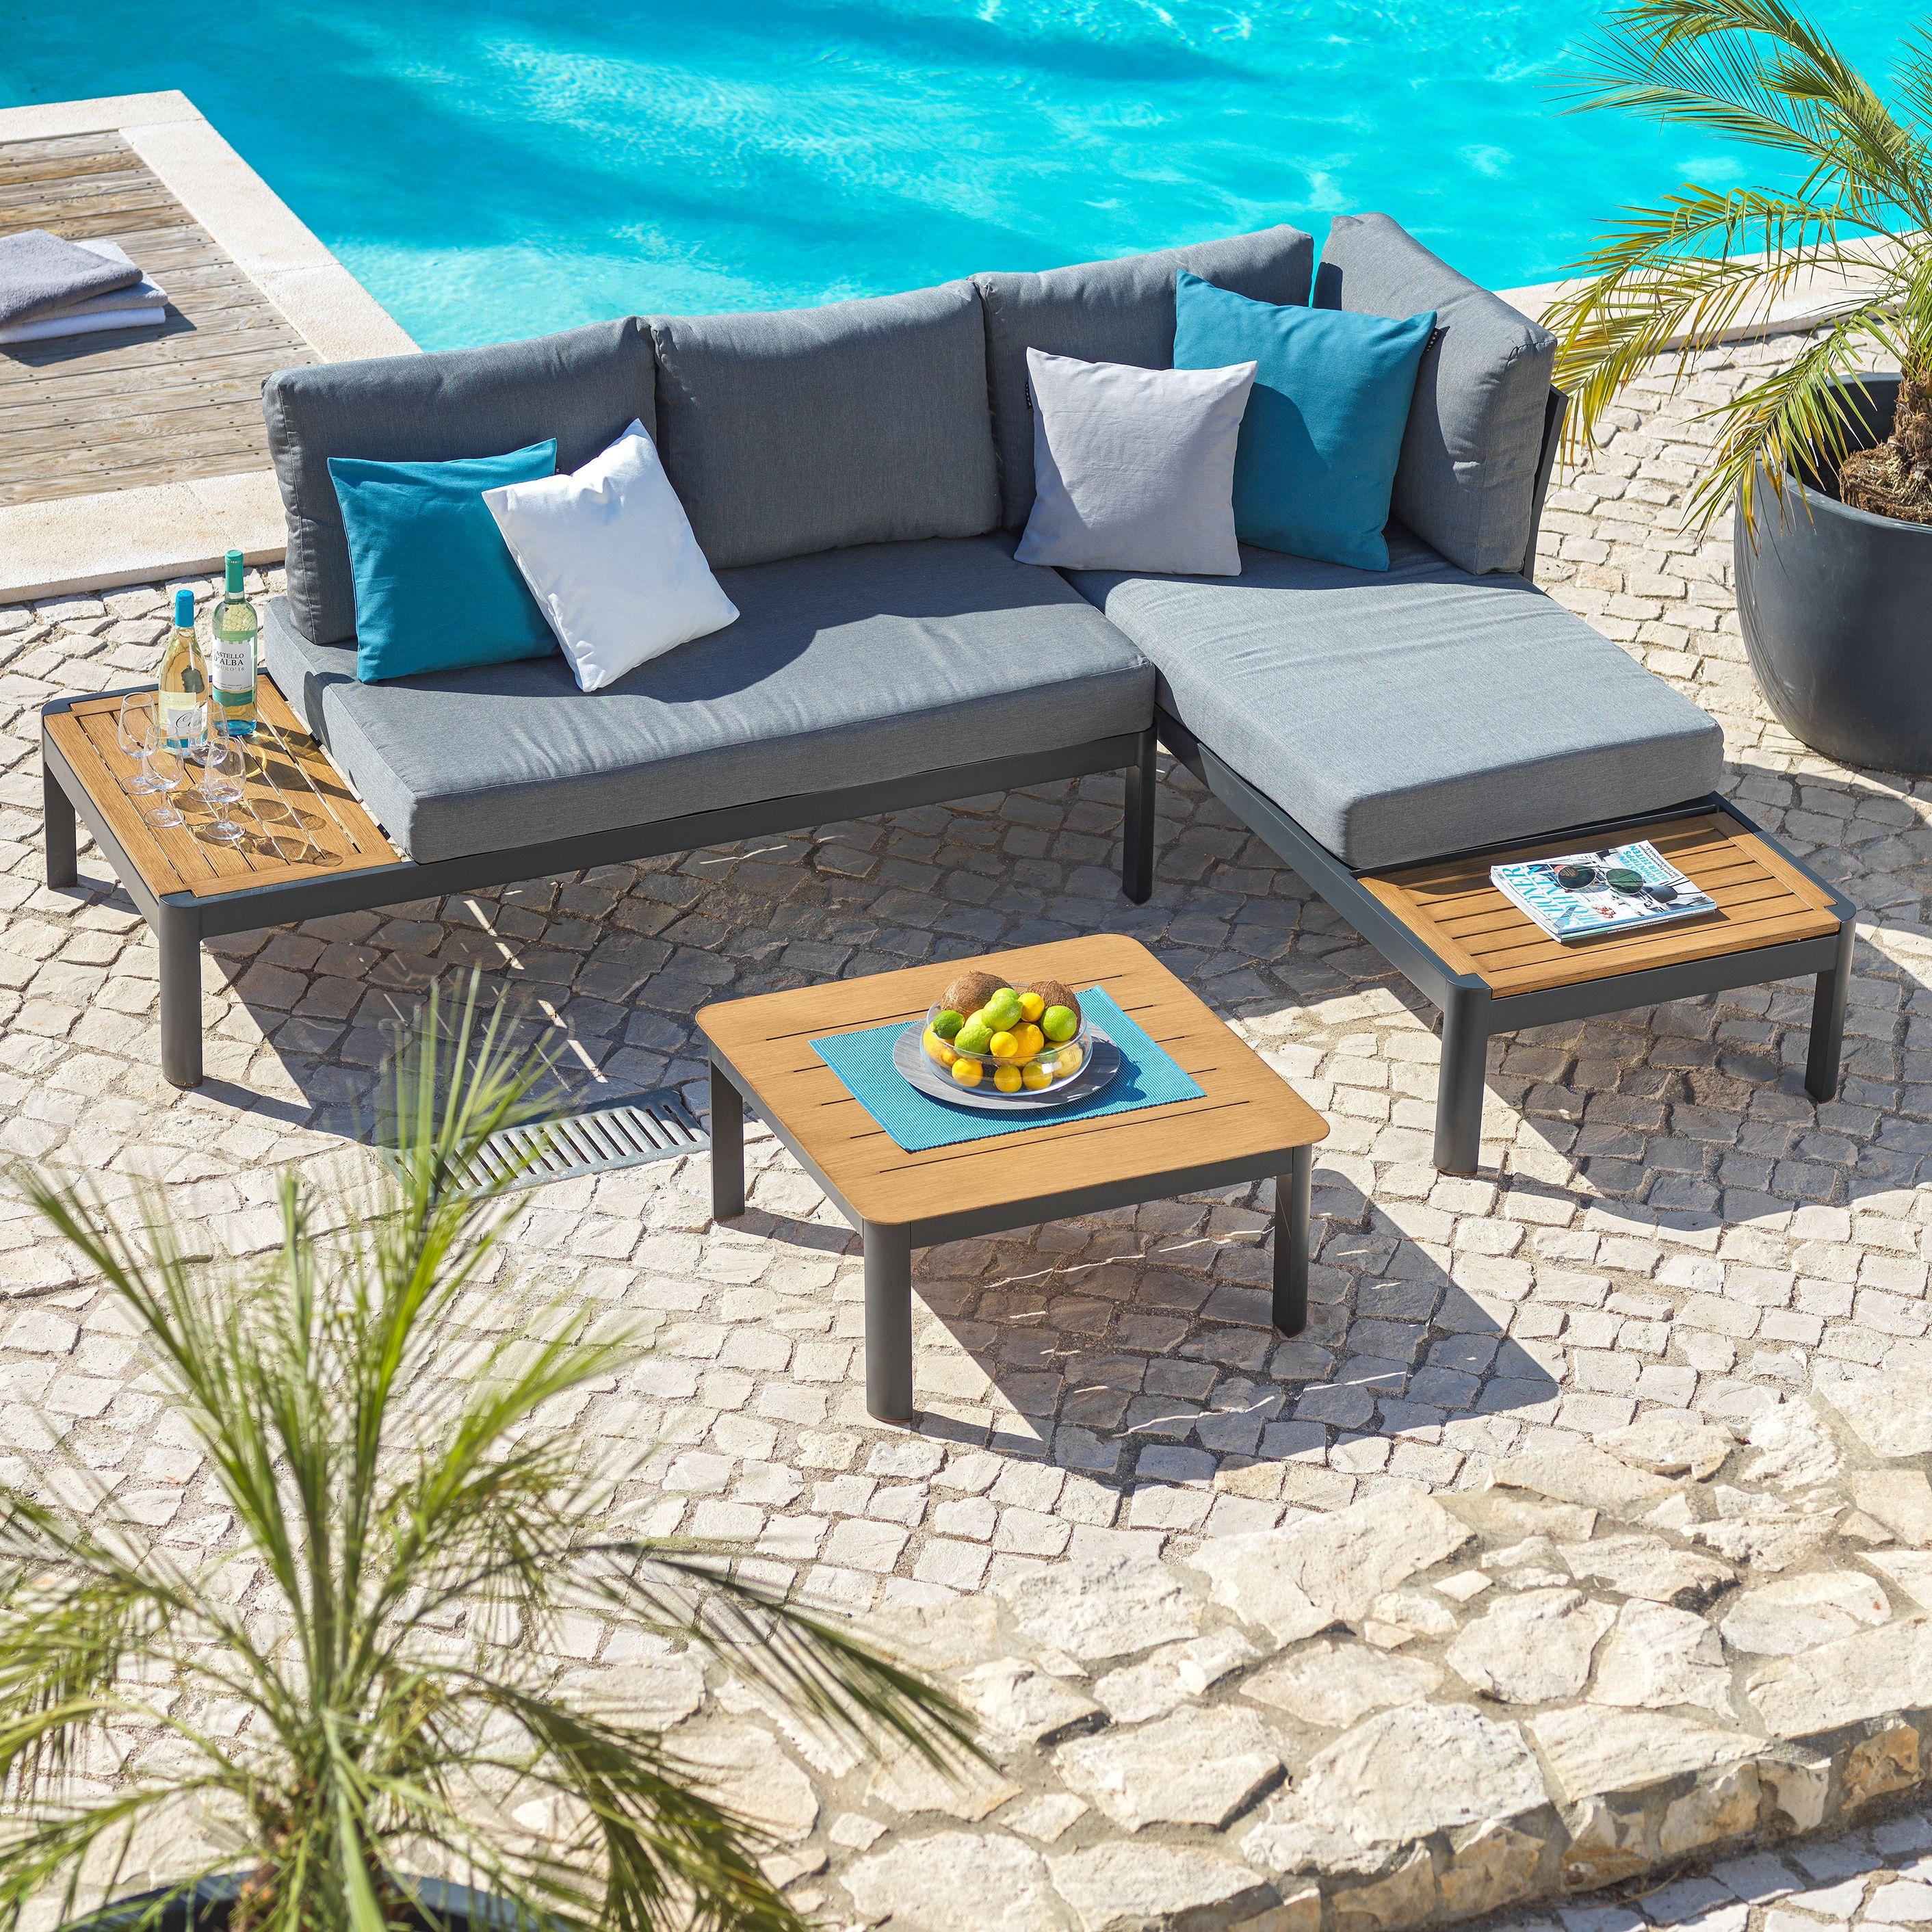 Gartenlounge metall  Moderne Gartenlounge aus Metall mit Holzelementen | Gartenparadies ...